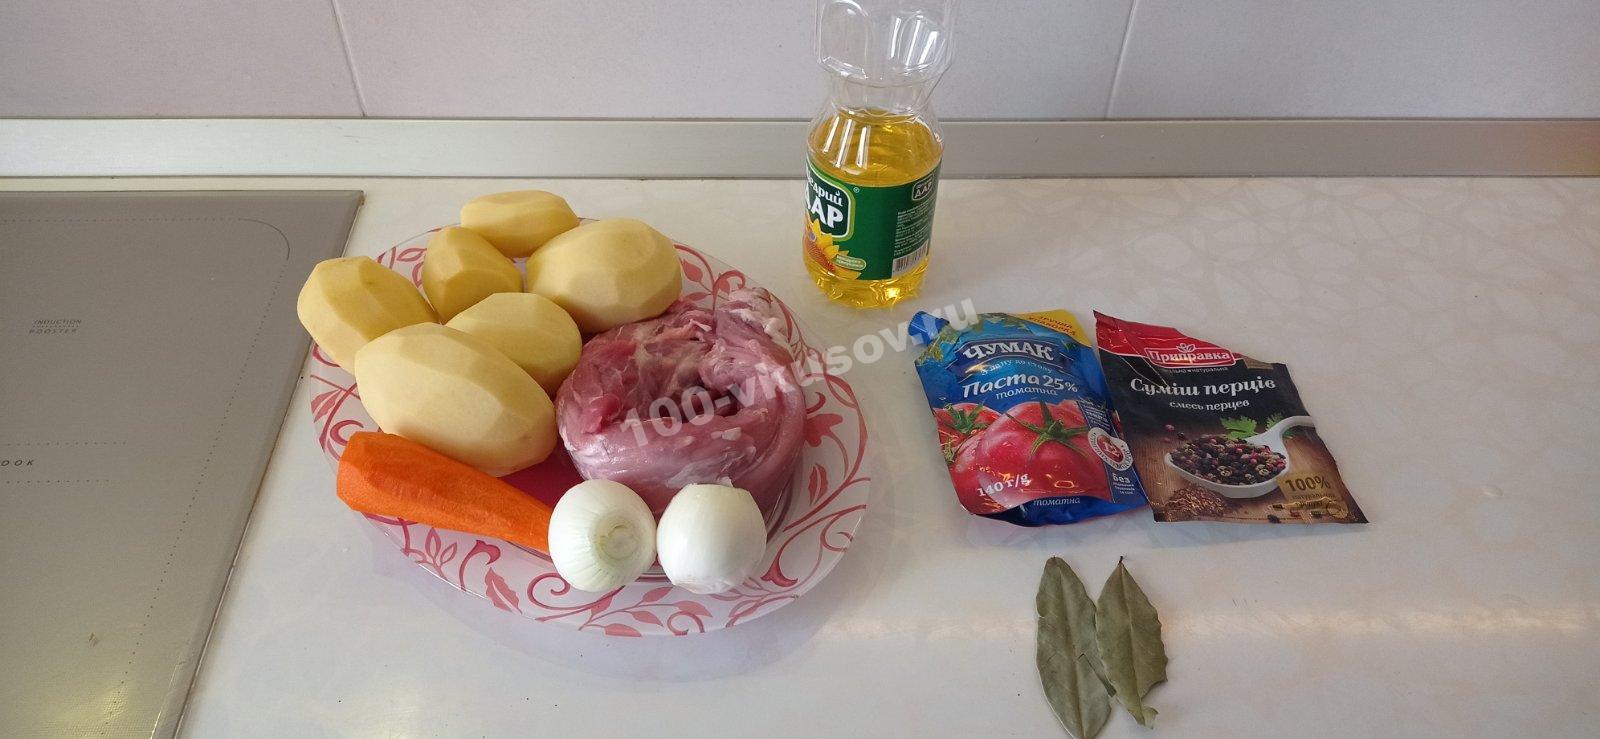 Ингредиенты для тушеной картошки с мясом